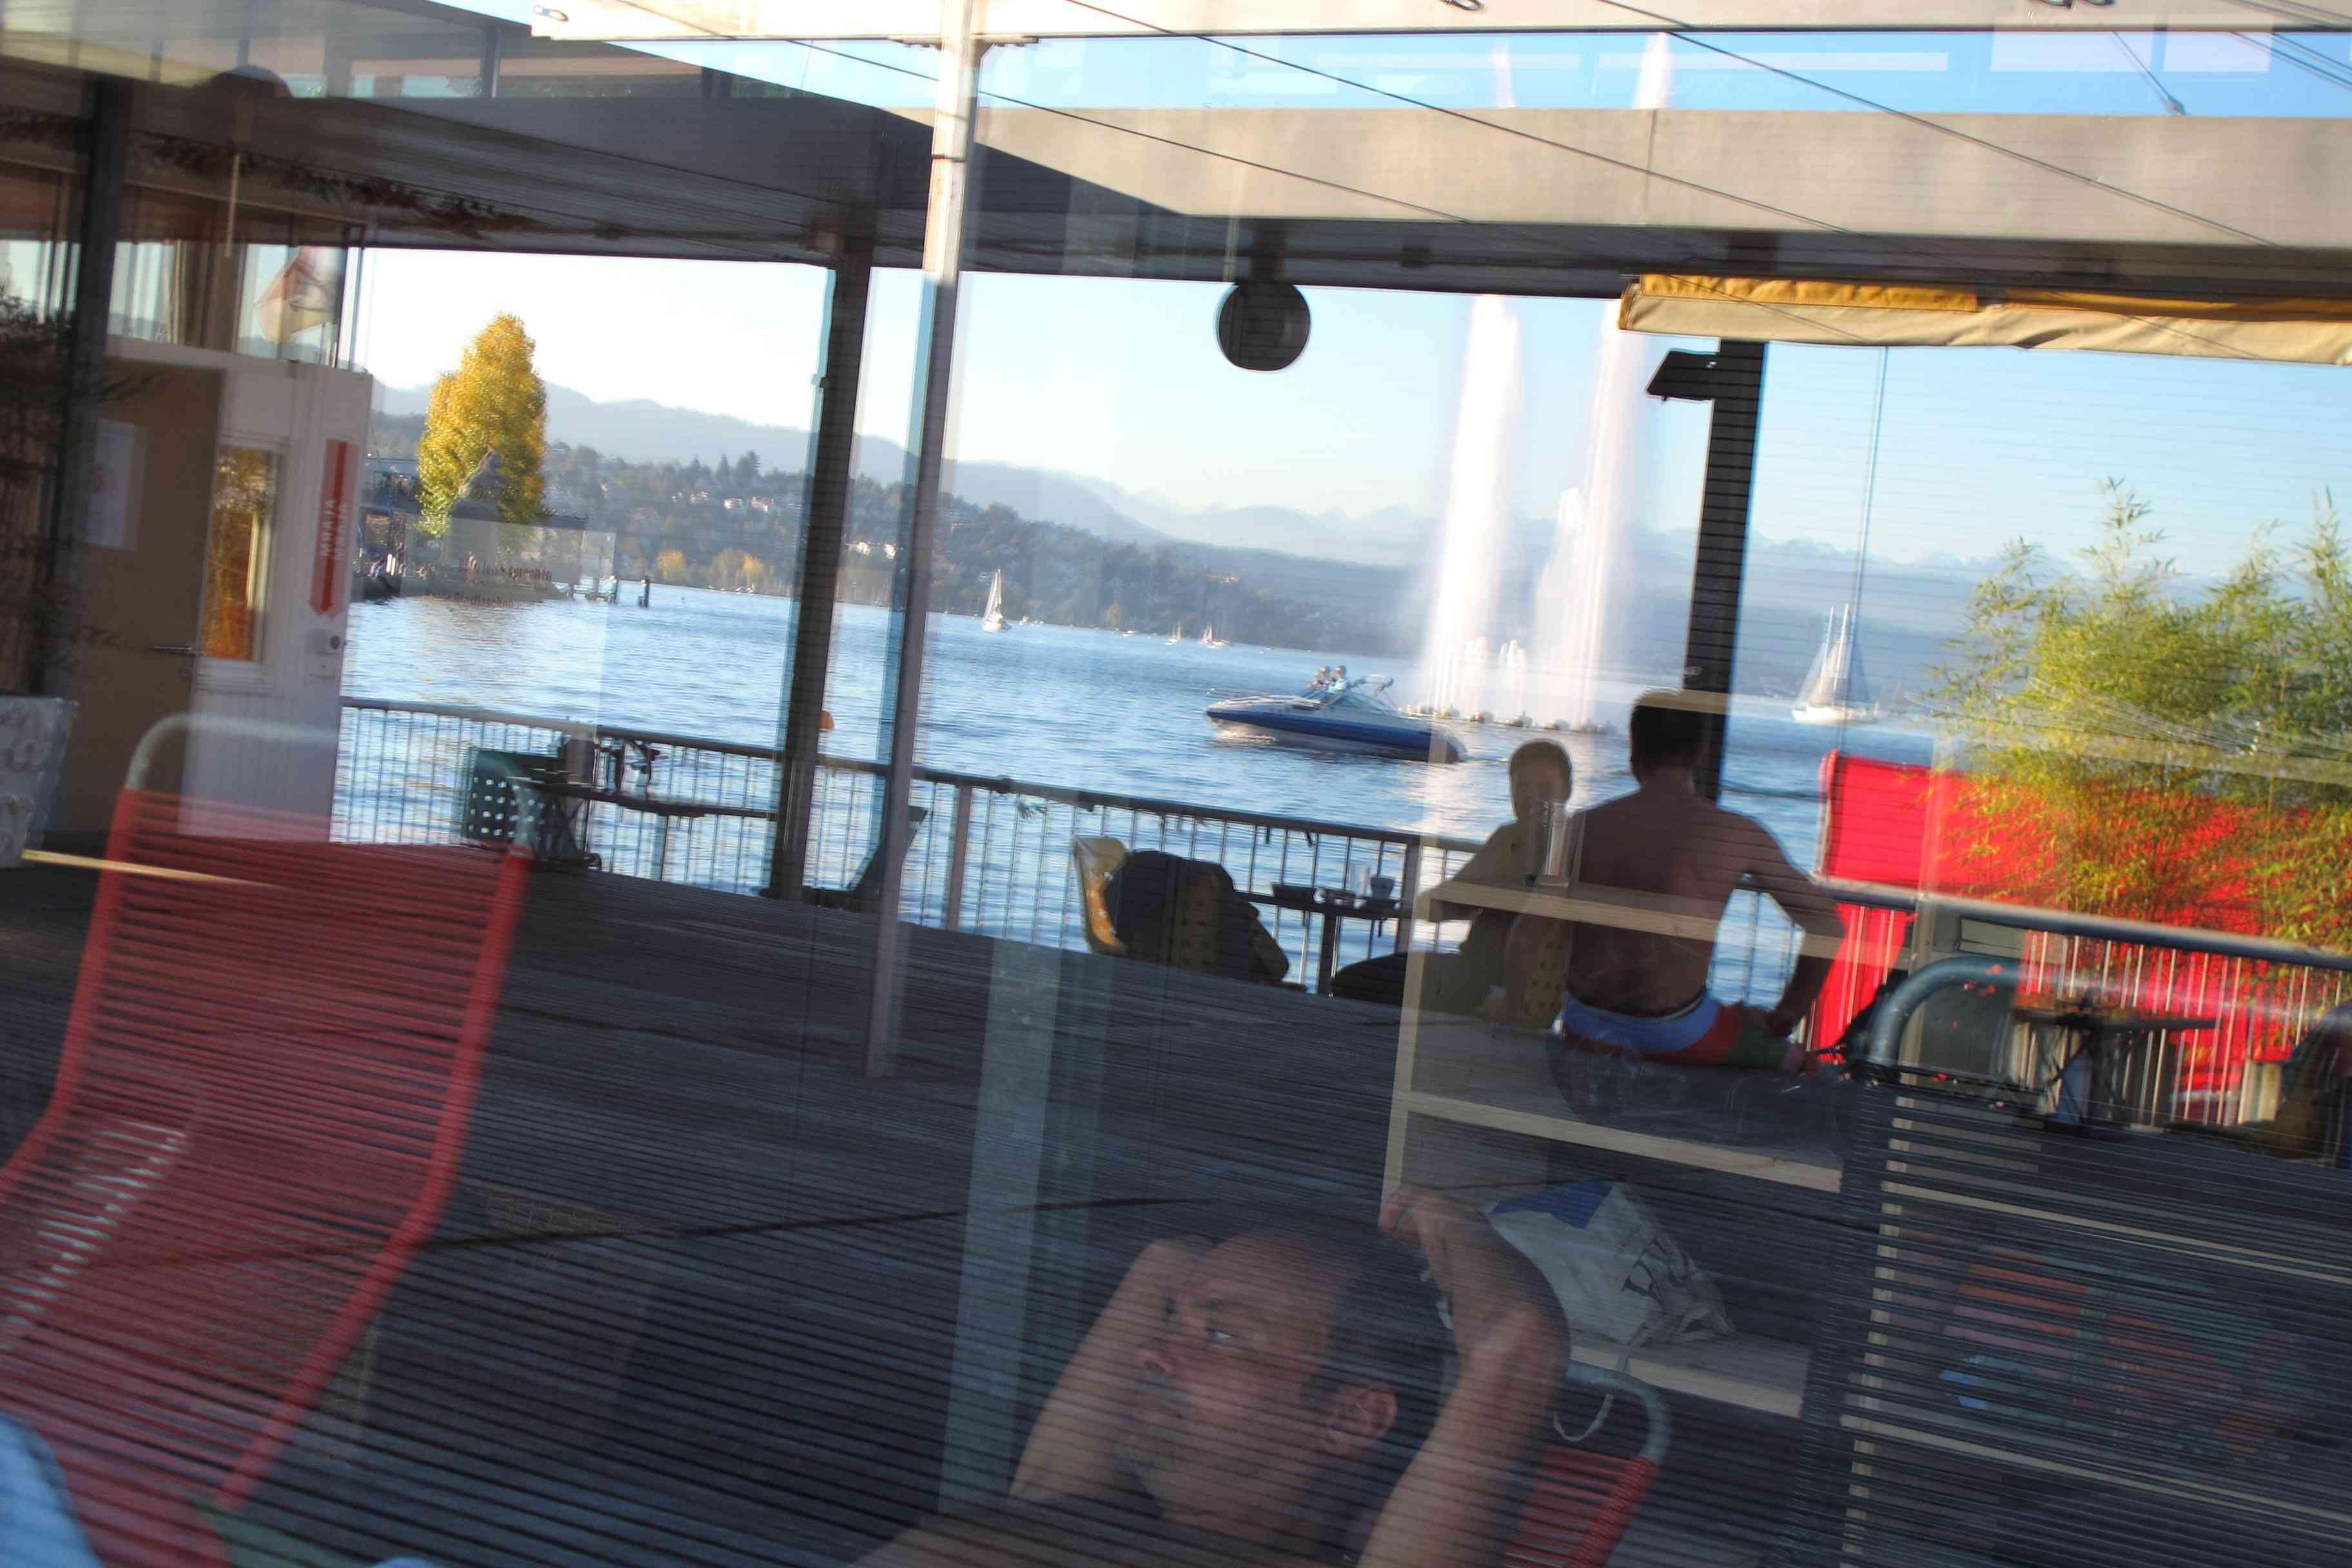 Lakeside sauna at Seebad Enge